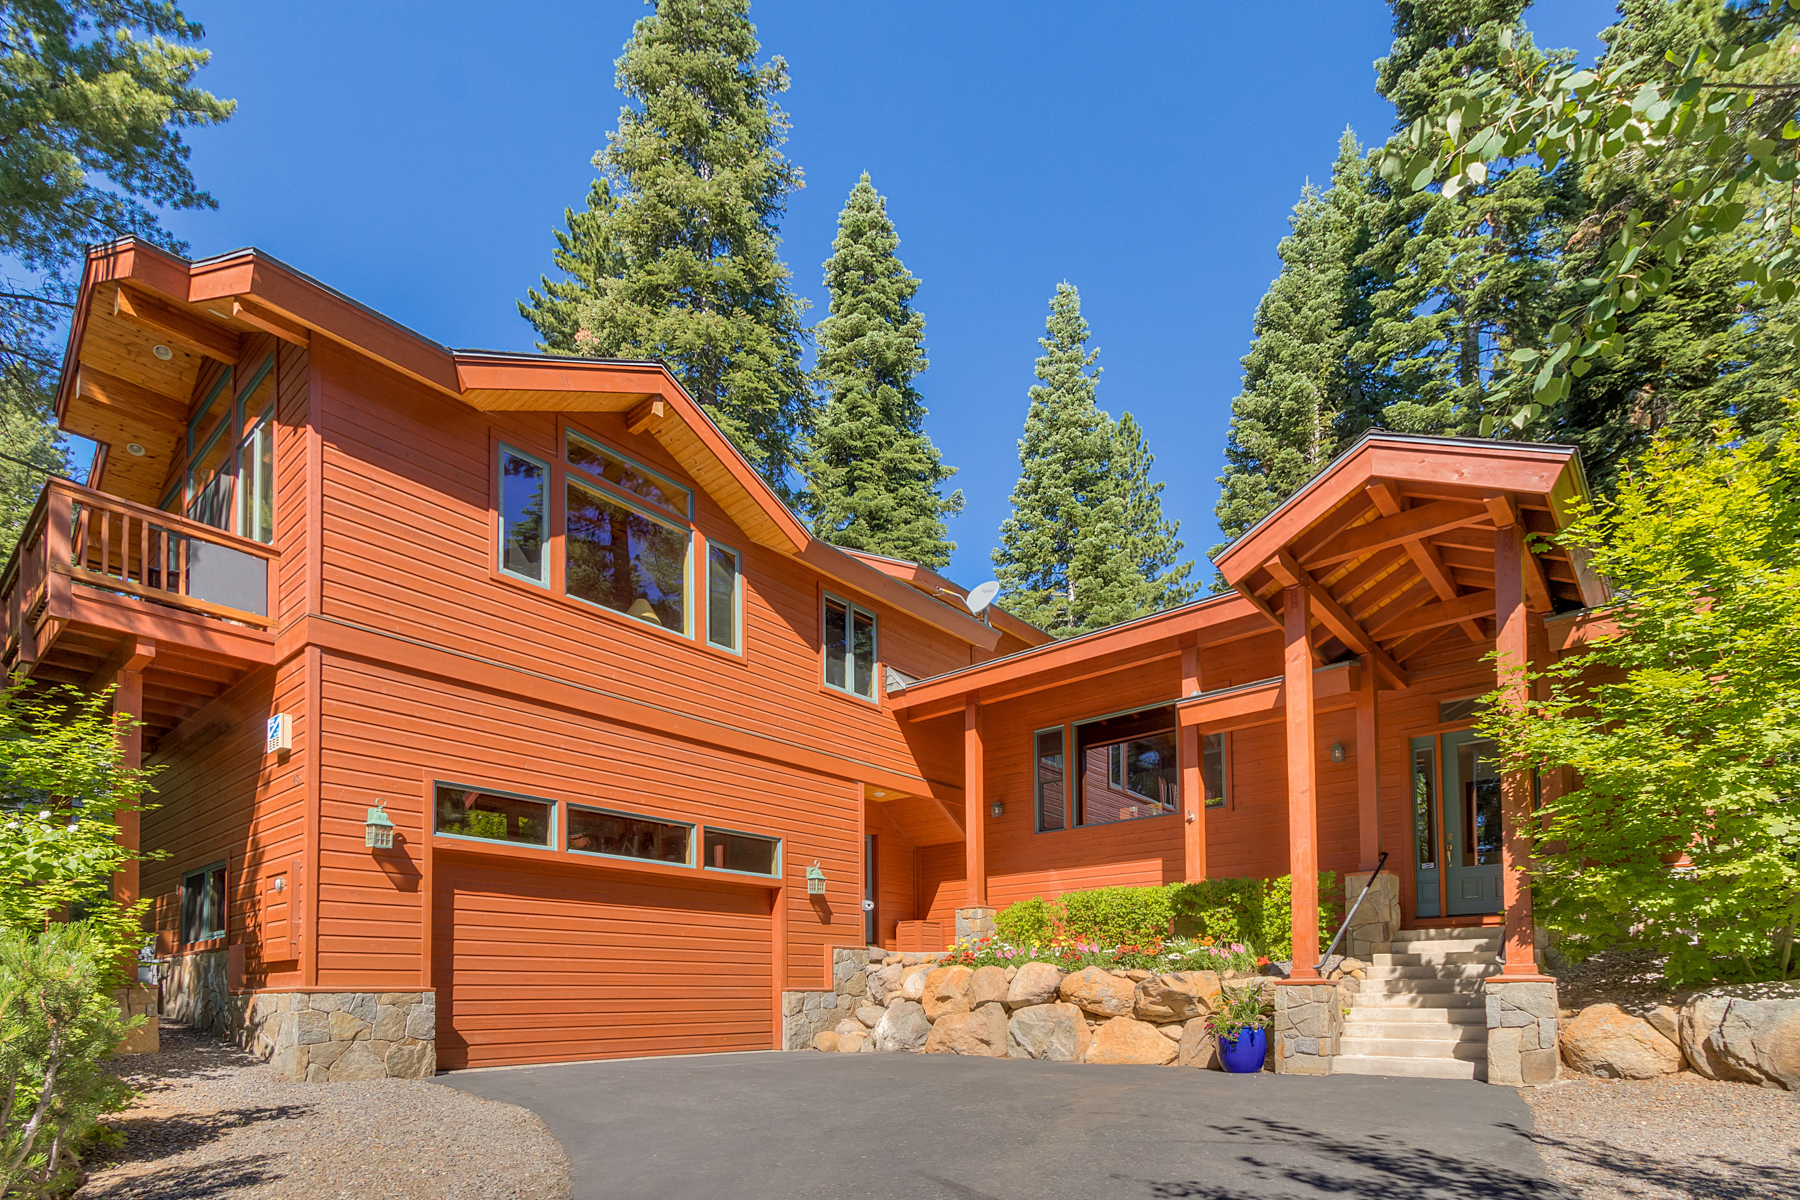 独户住宅 为 销售 在 485 High Street, Carnelian Bay, CA Carnelian Bay, 加利福尼亚州 96140 美国